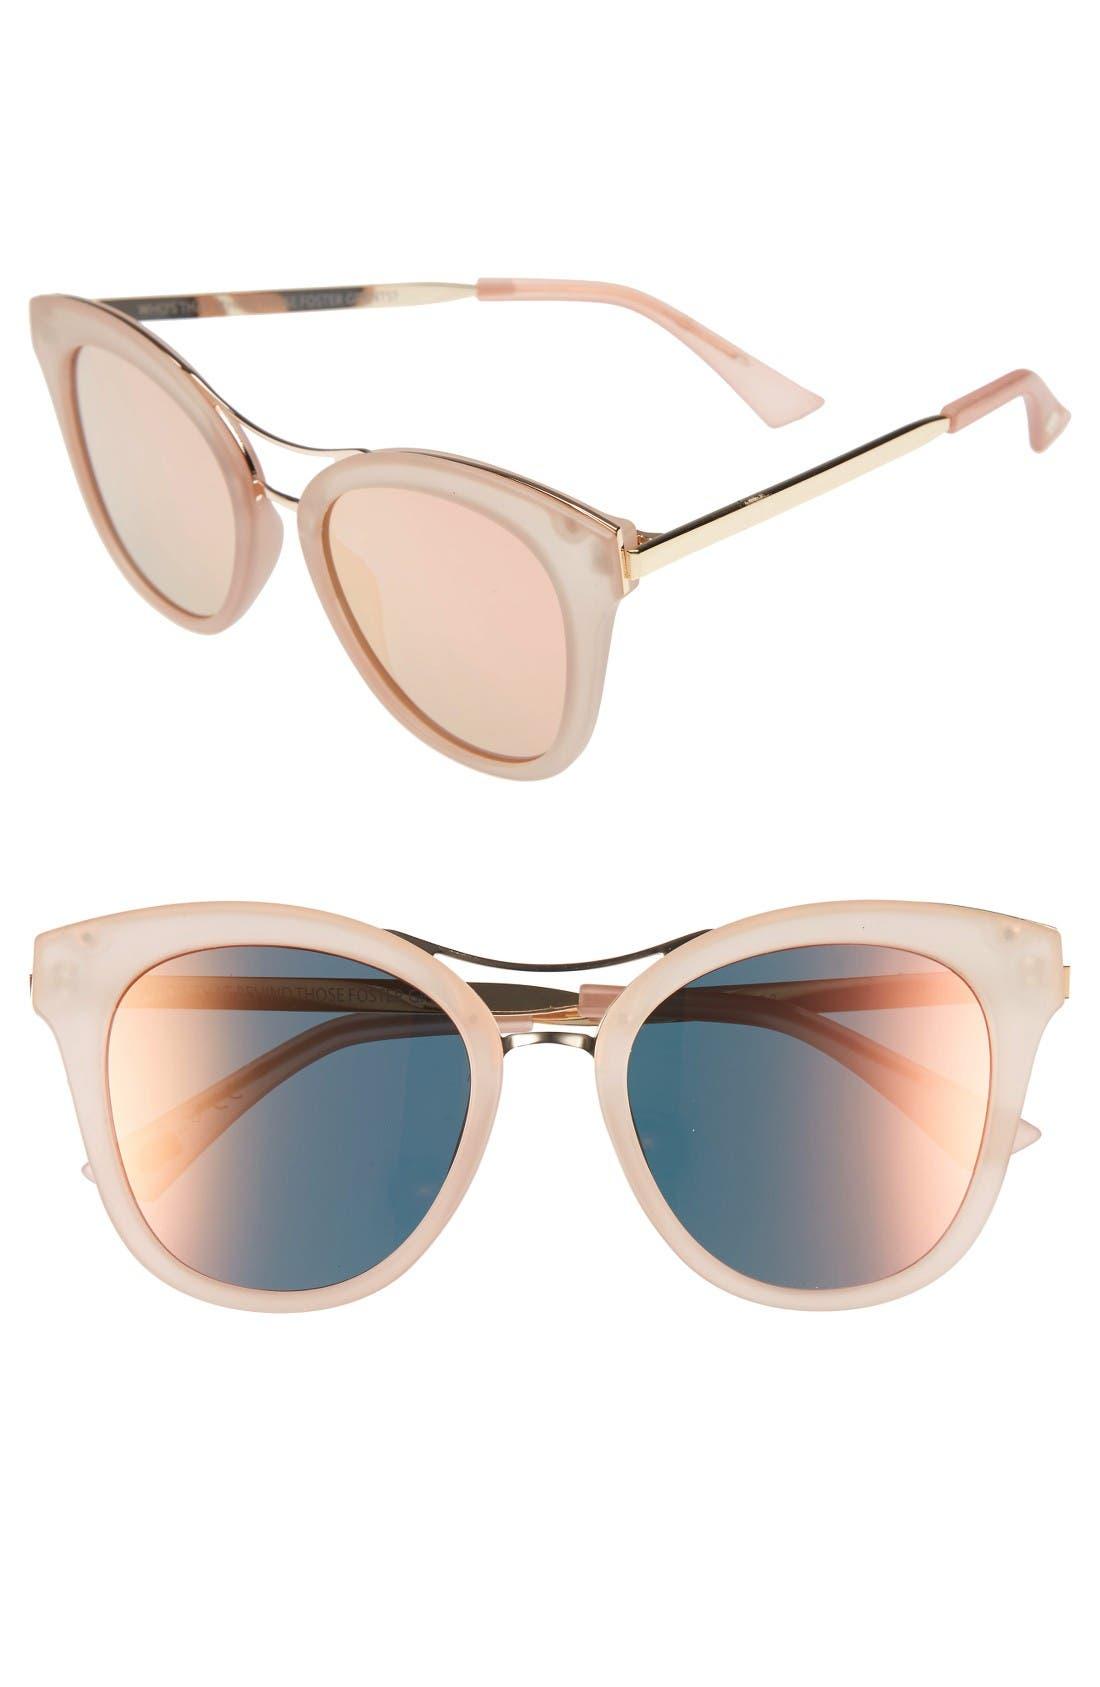 ITEM 8 SP.3 51mm Sunglasses